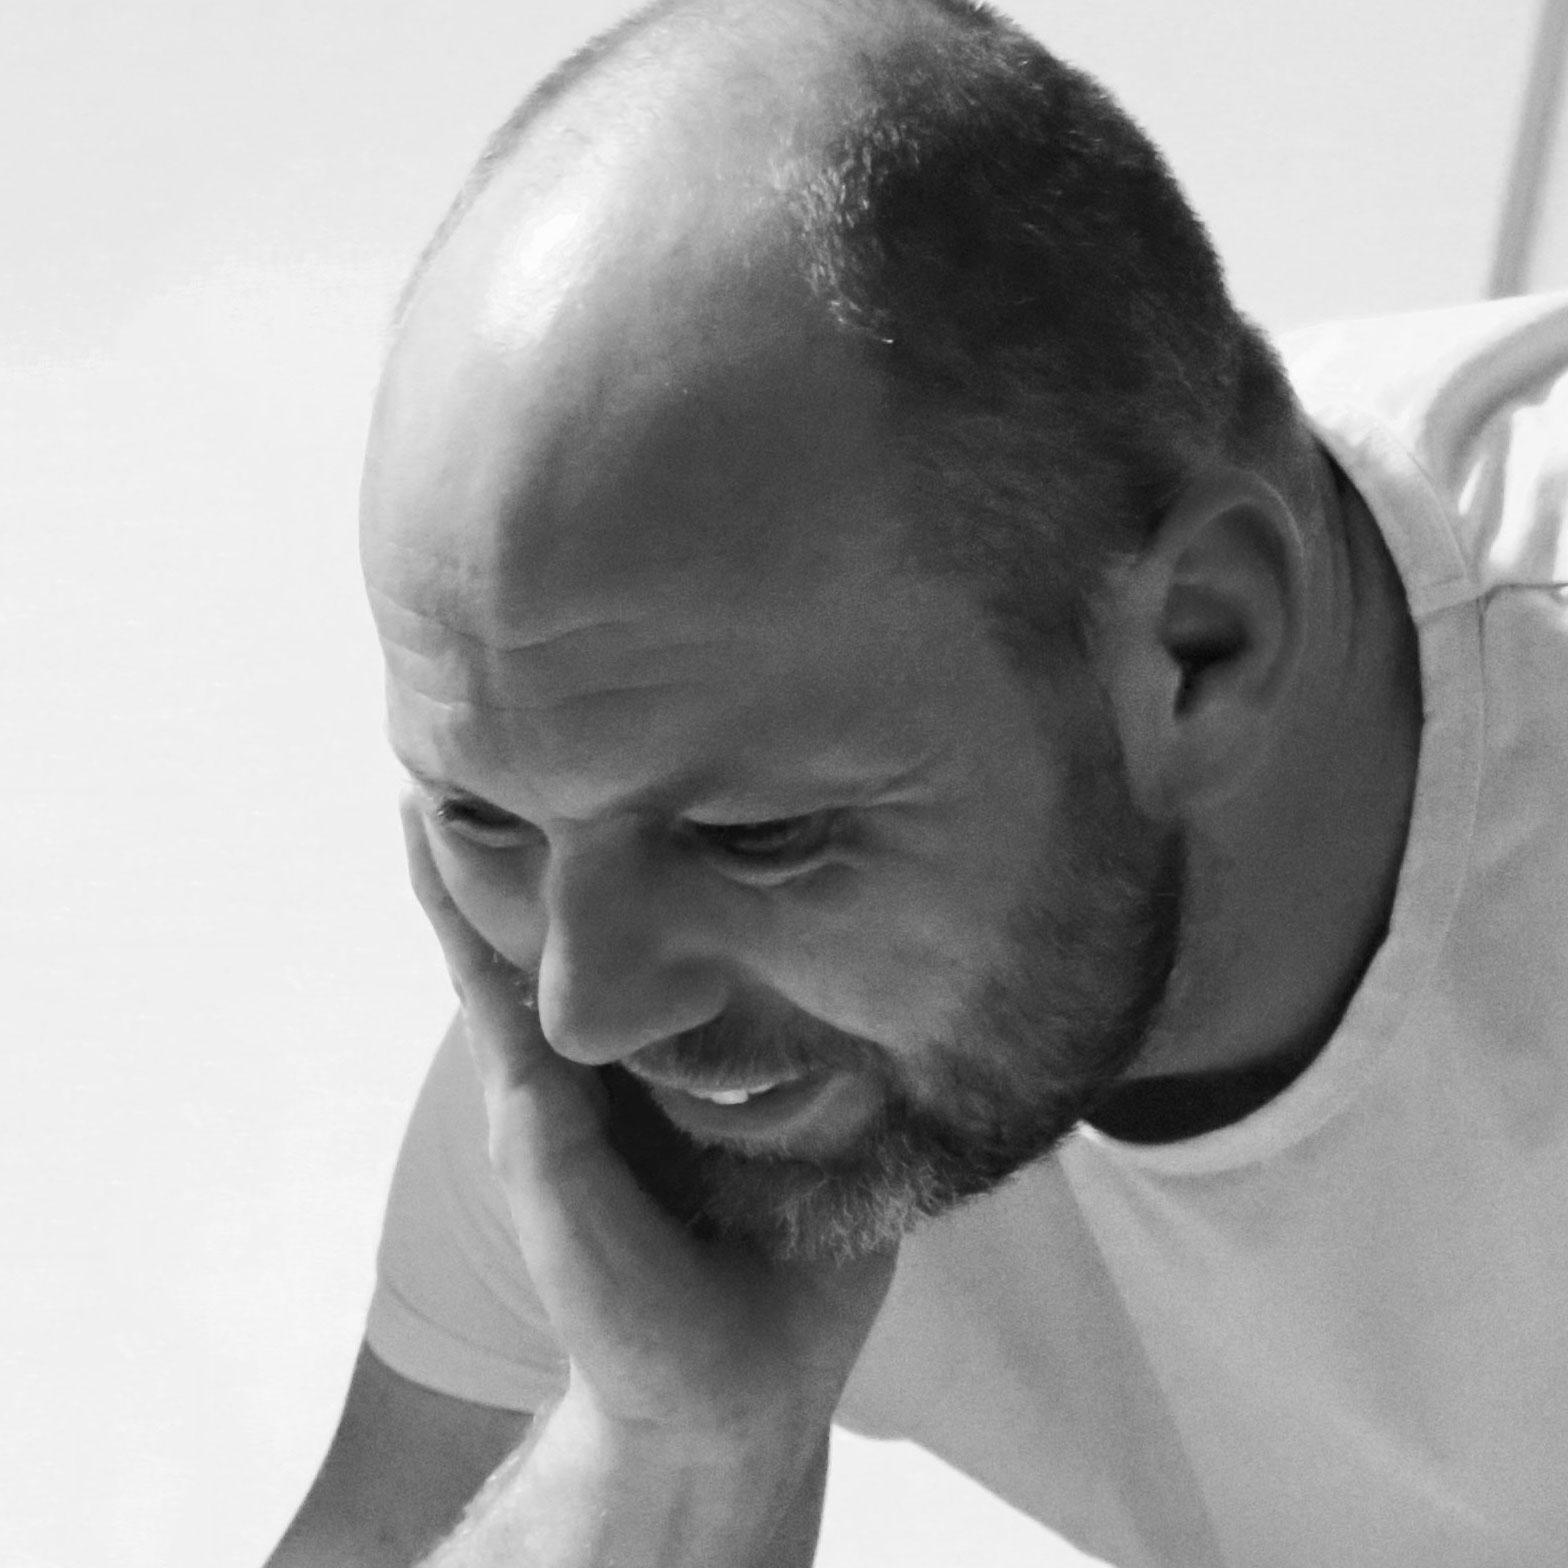 Martijn Gootjes